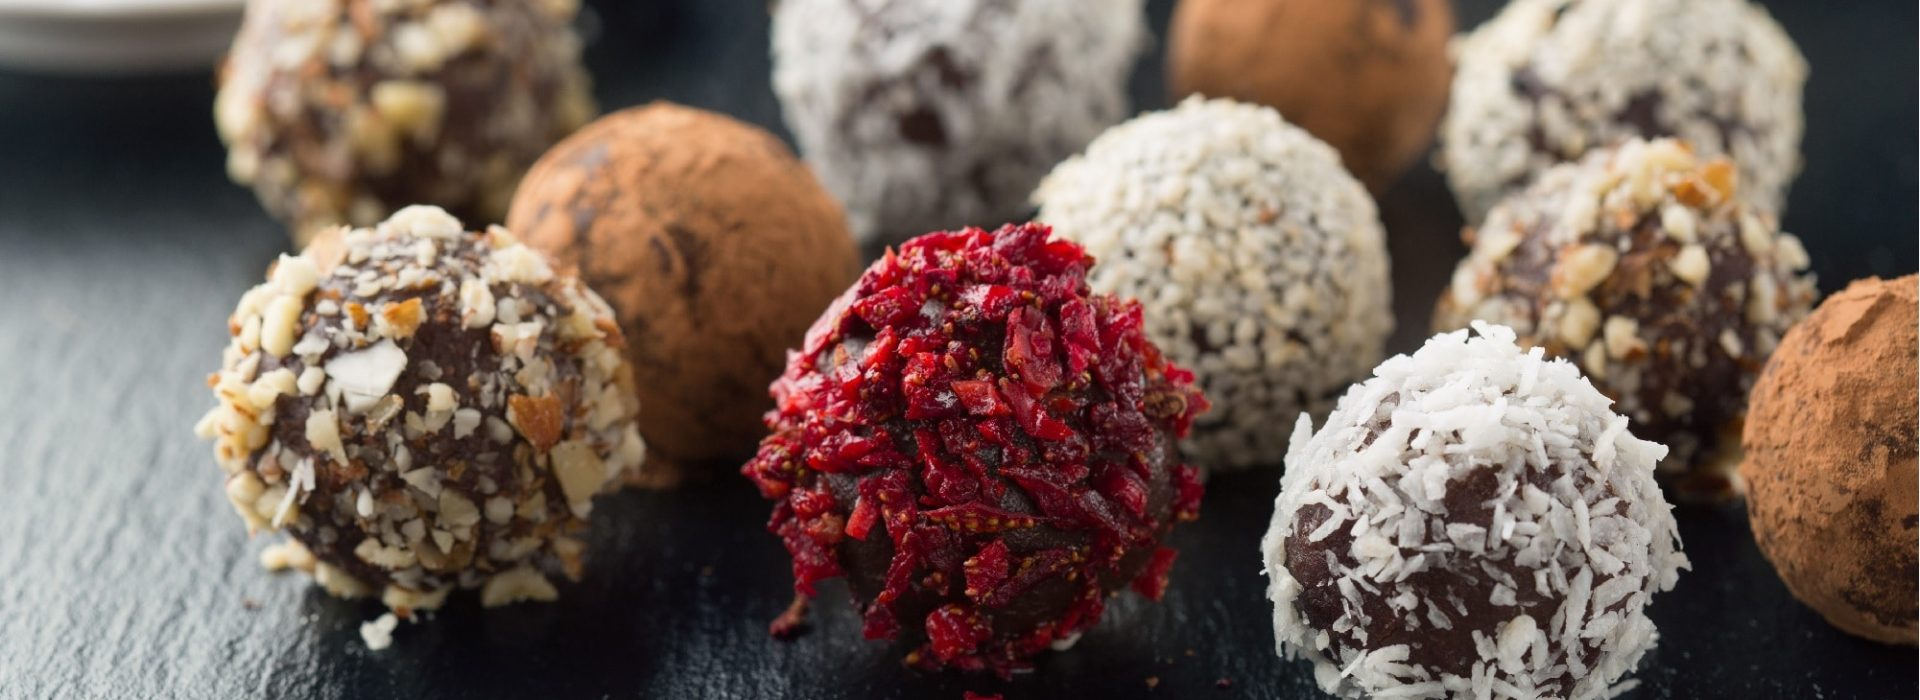 Chocolate Truffle Blog Image